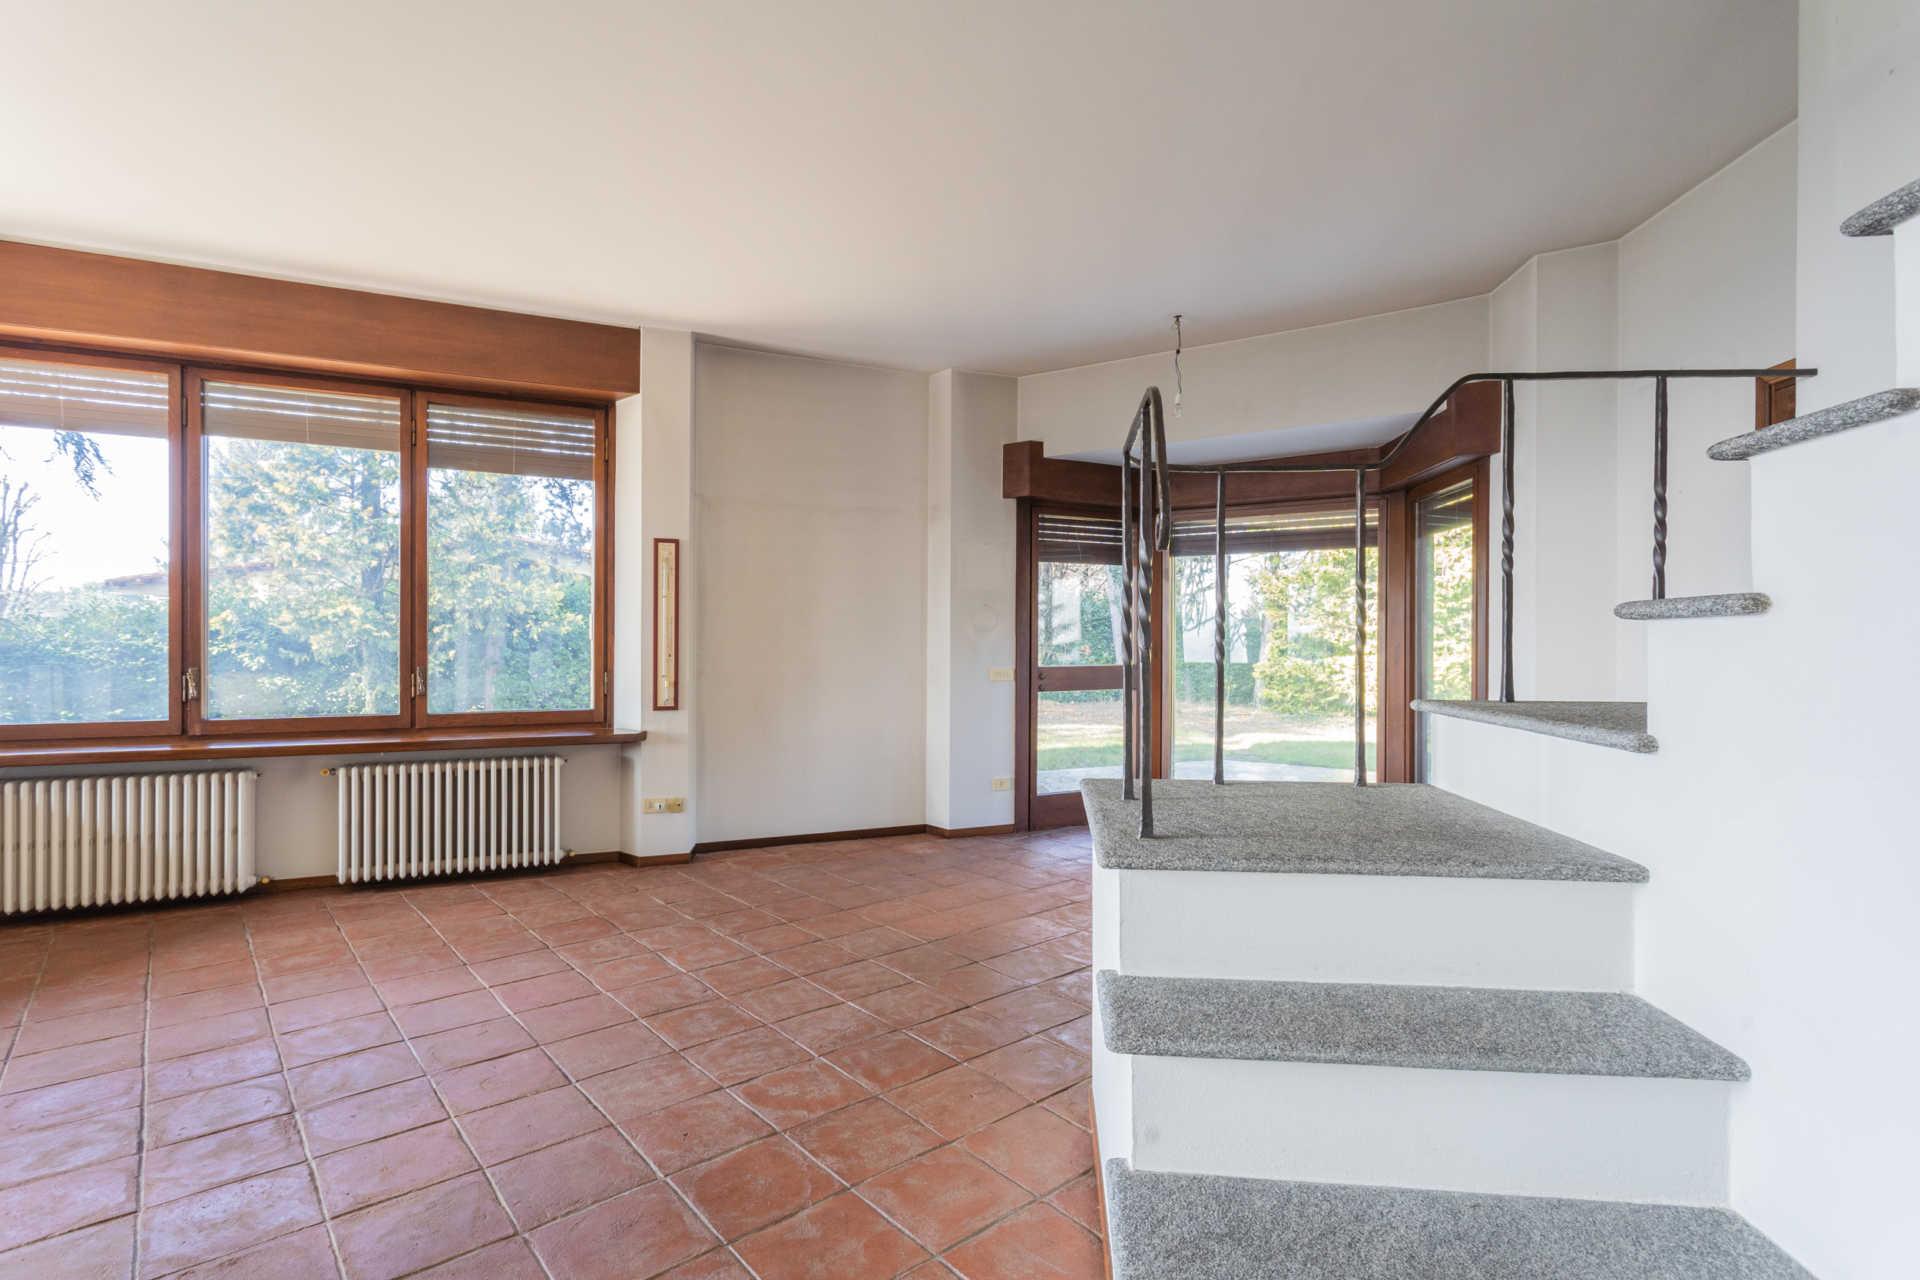 Villa-singola-Carate-Brianza-in-vendita (25)